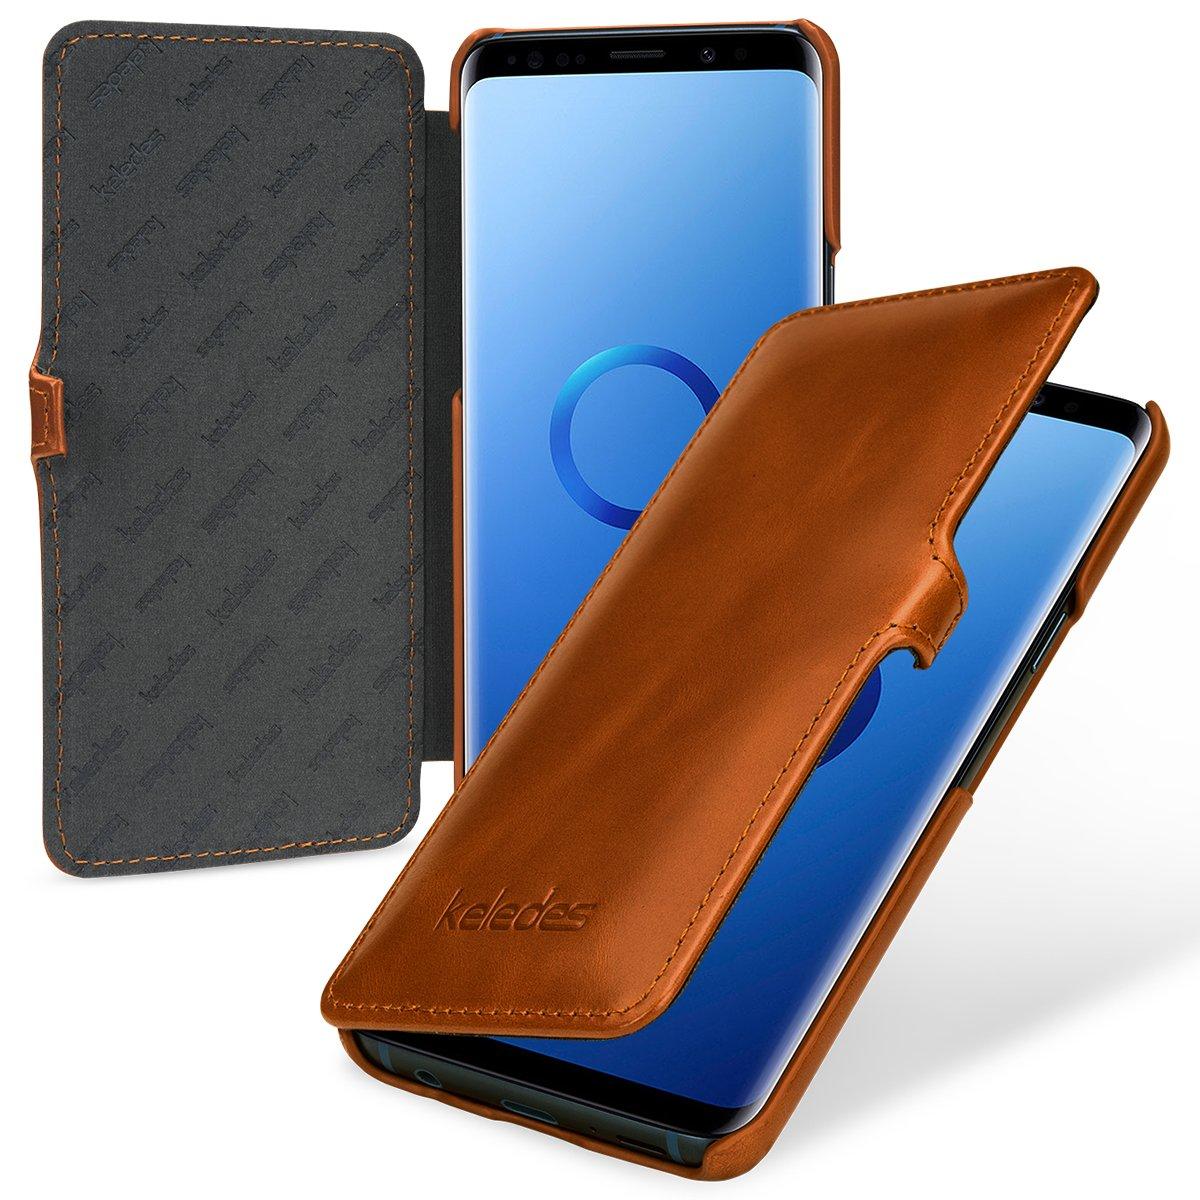 keledes Coque Samsung Galaxy S9, Ultra Mince Premium Étui de Protection à Rabat Portefeuille Housse en Cuir véritable [Porte-Cartes de Crédit] pour Samsung Galaxy S9, Cognac Marron SMS9MC2HGKEBR